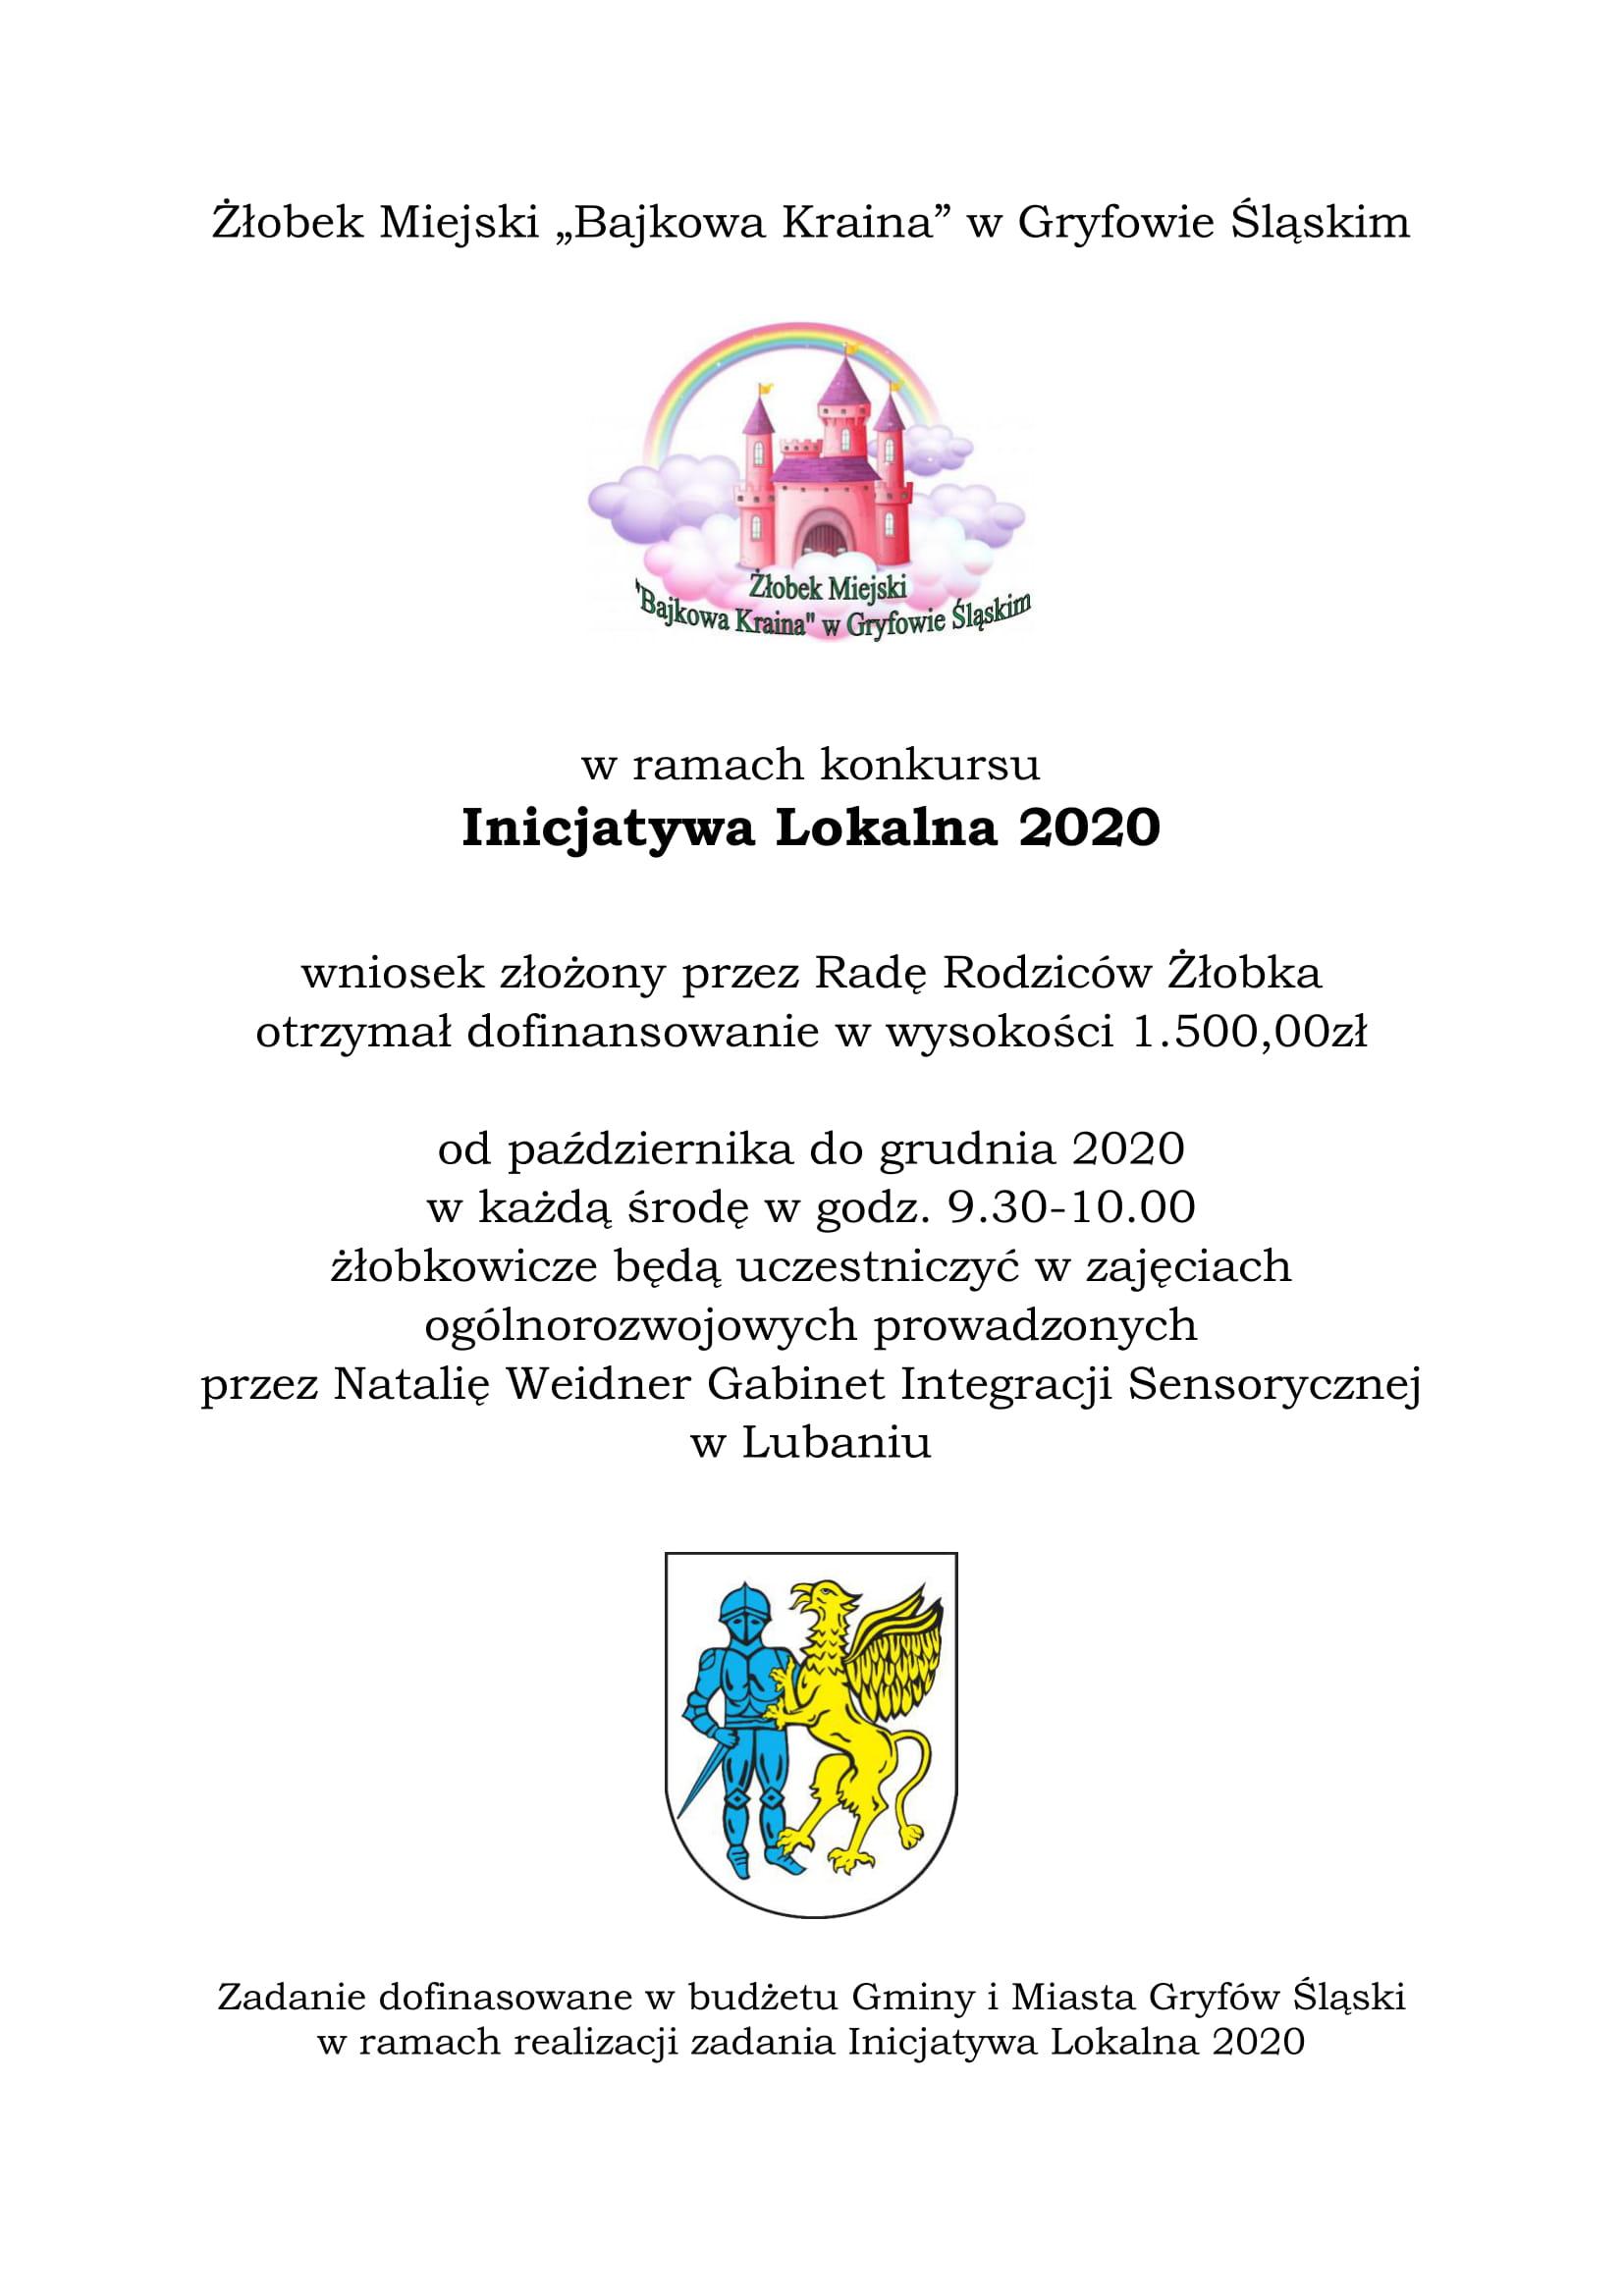 """Inicjatywa Lokalna 2020 w Żłobku Miejskim """"Bajkowa Kraina"""" w Gryfowie Śląskim"""